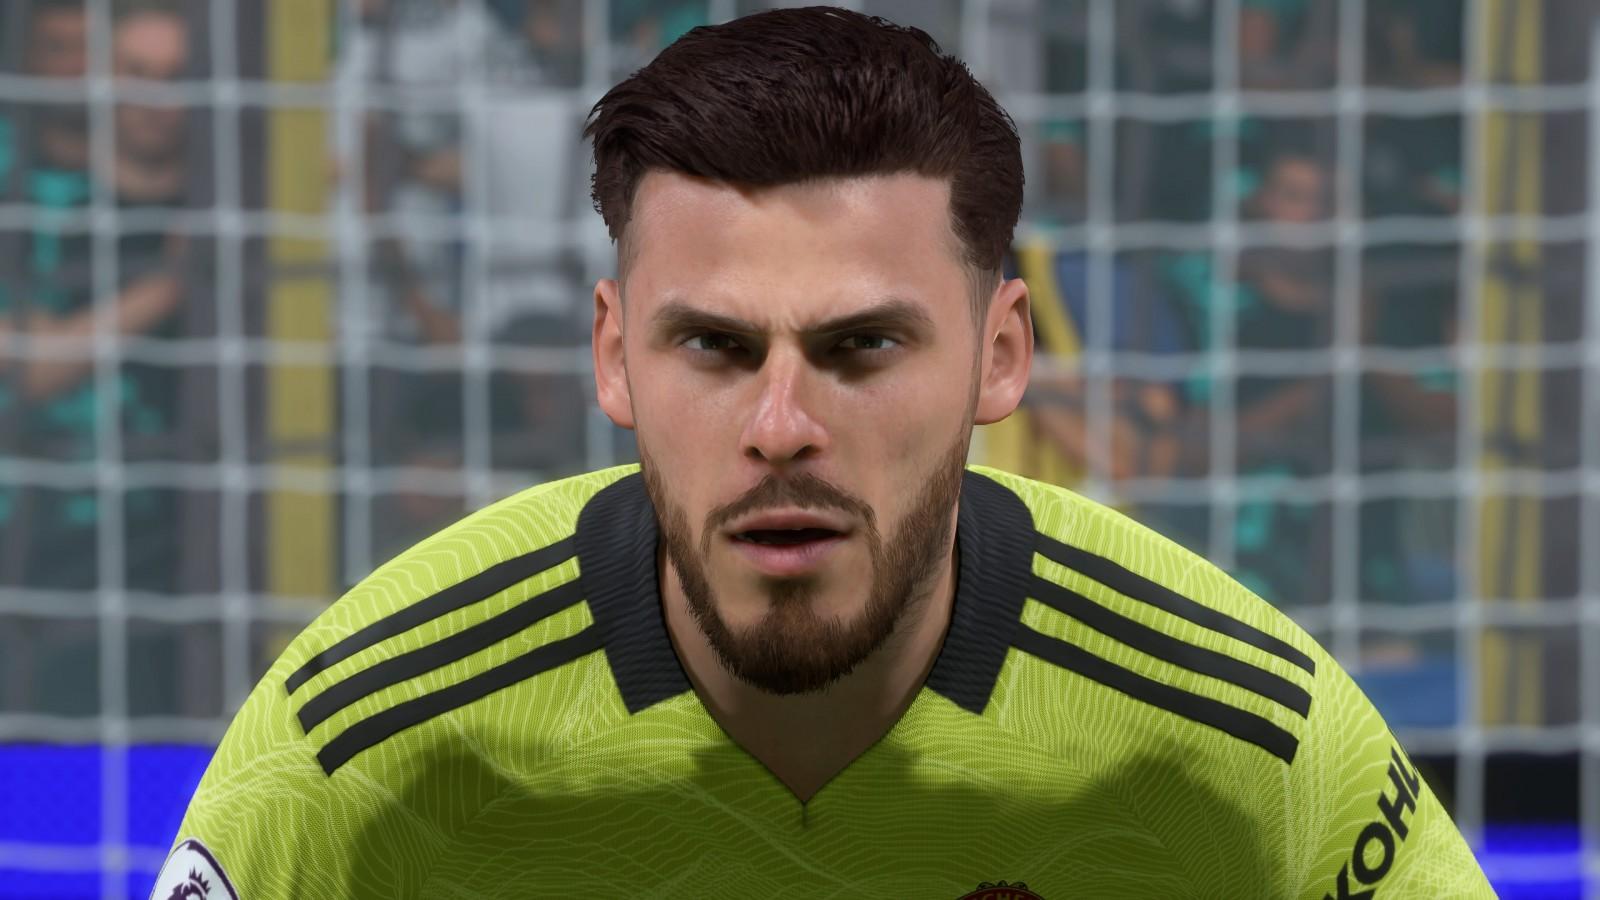 Reseña: ¿Será FIFA 22 un golazo o no? 4